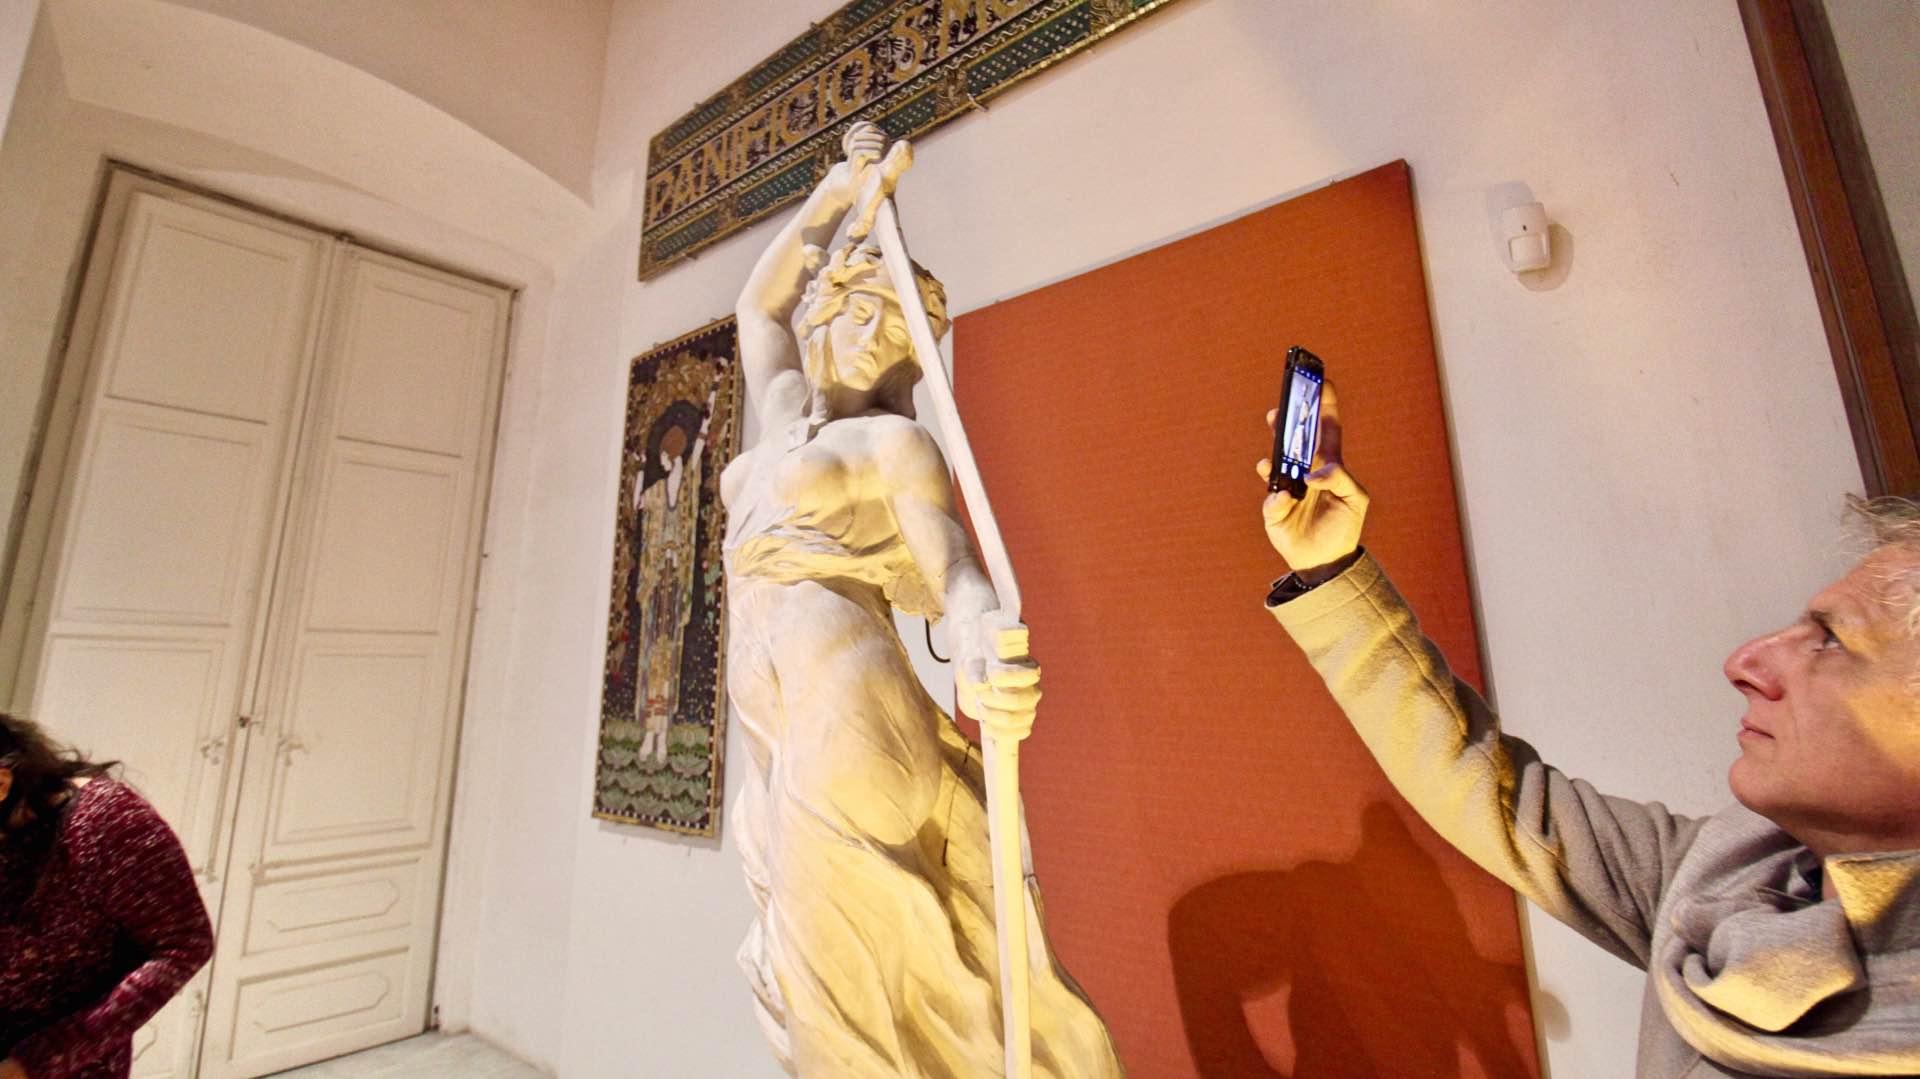 La Fondazione Sicilia restaura i gessi-bozzetto di Antonio Ugo